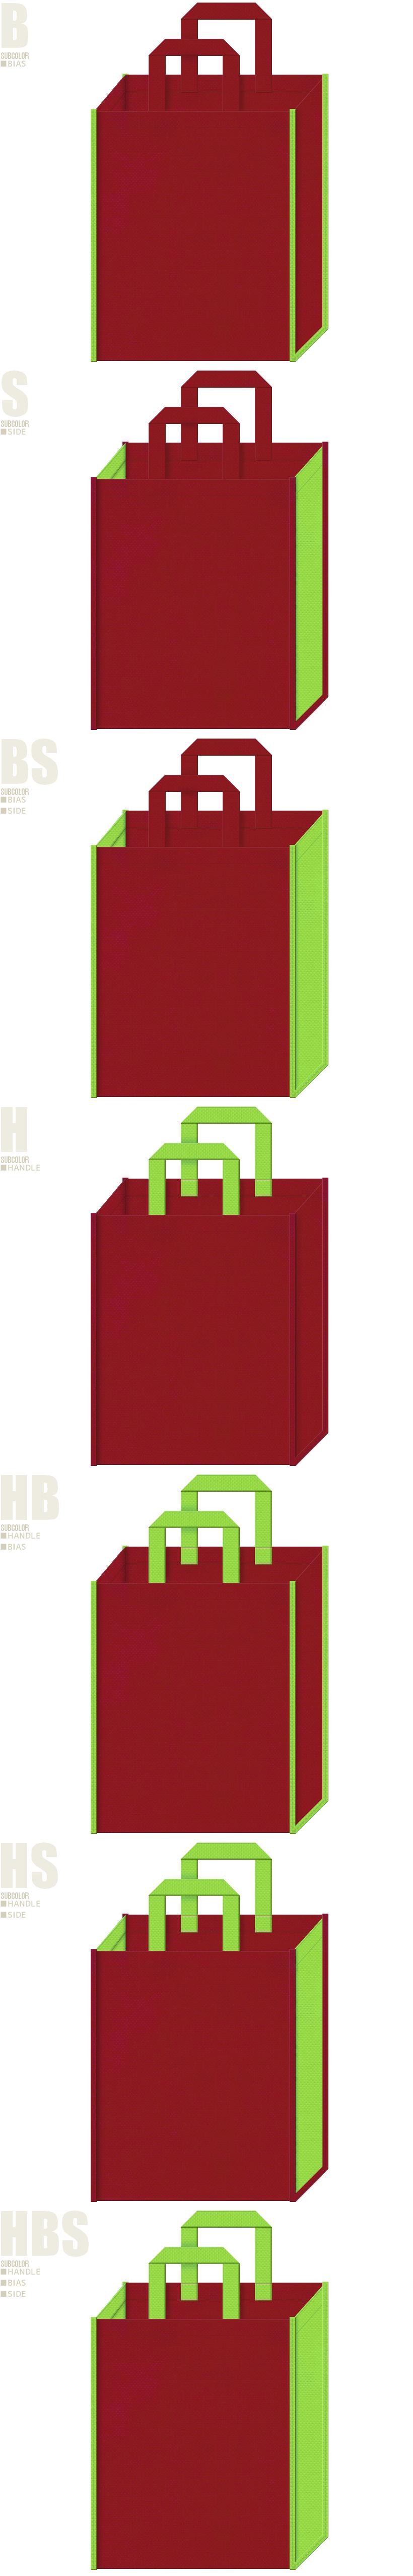 エンジ色と黄緑色、7パターンの不織布トートバッグ配色デザイン例。和風庭園風。